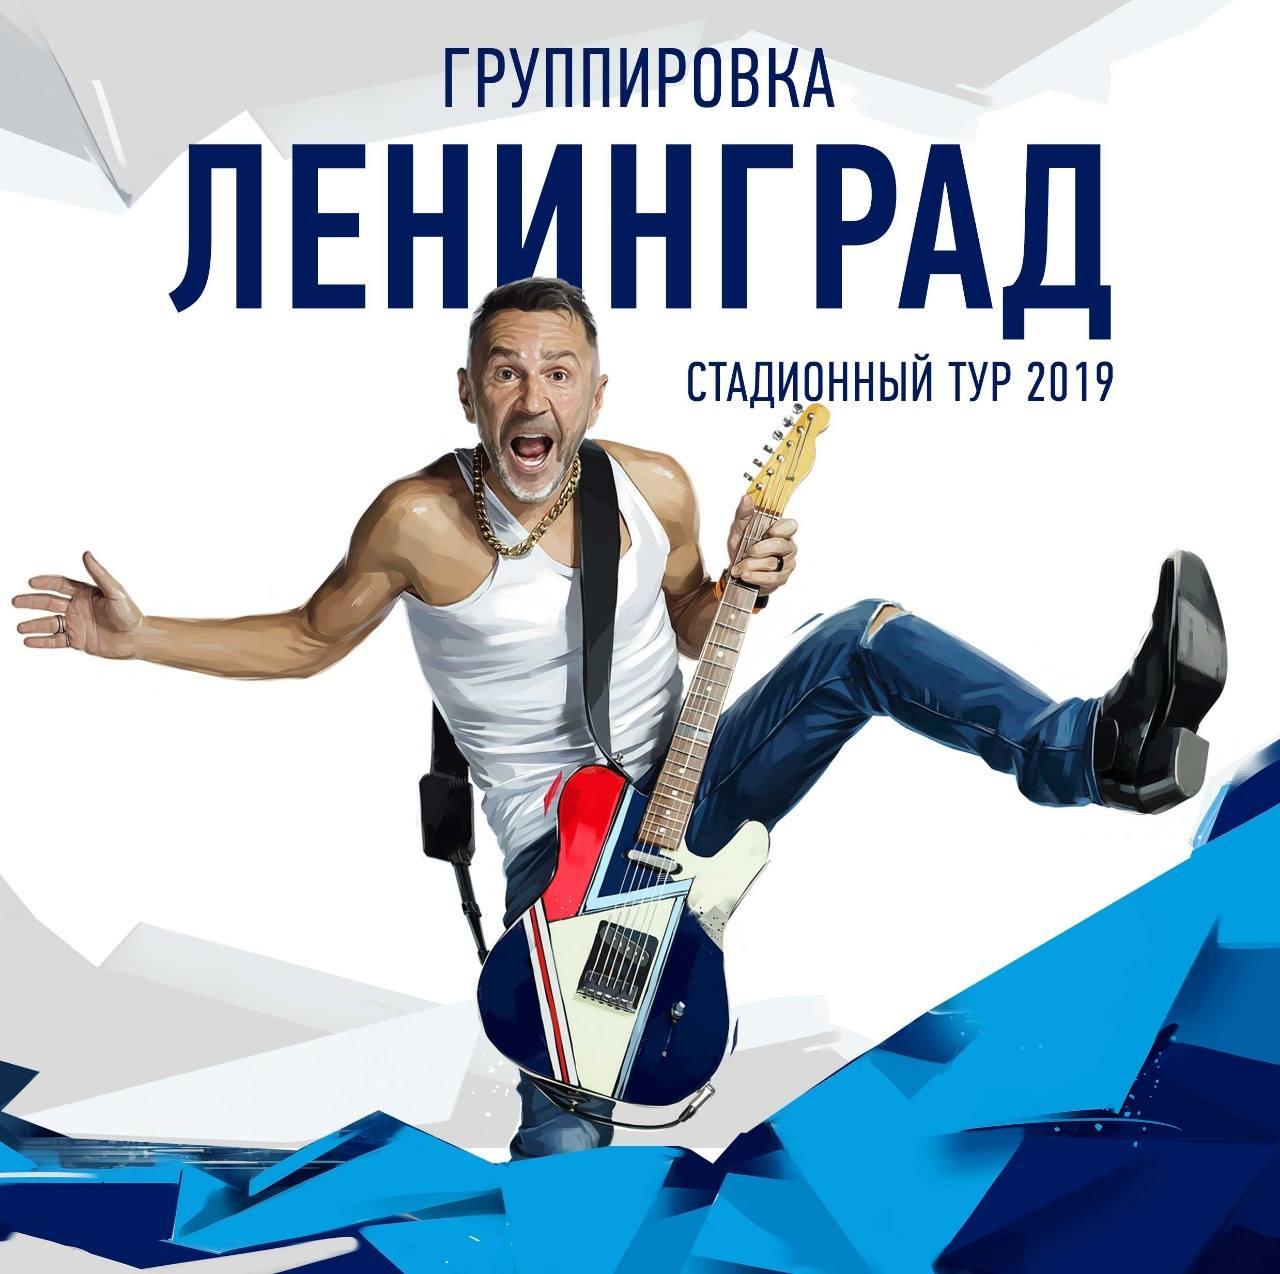 купить билет на концерт ленинград в калининграде